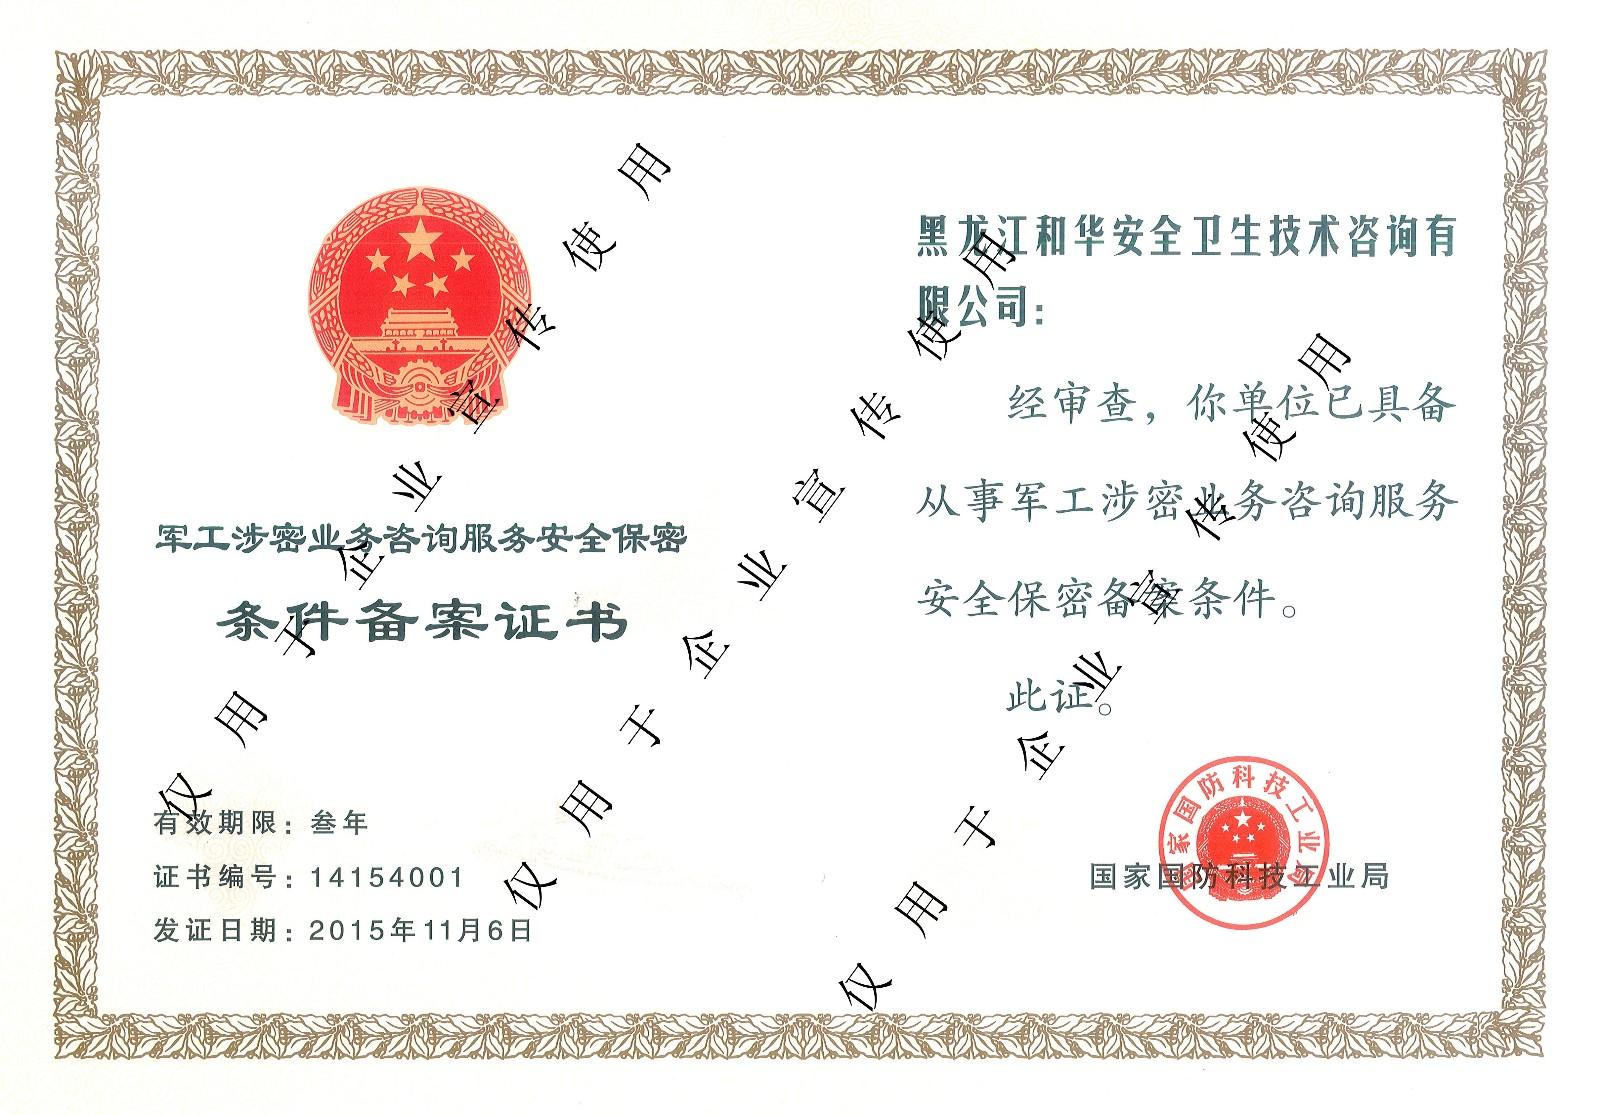 和華軍工涉密業務咨詢服務安全保密條件備案證書(副本)副本.jpg